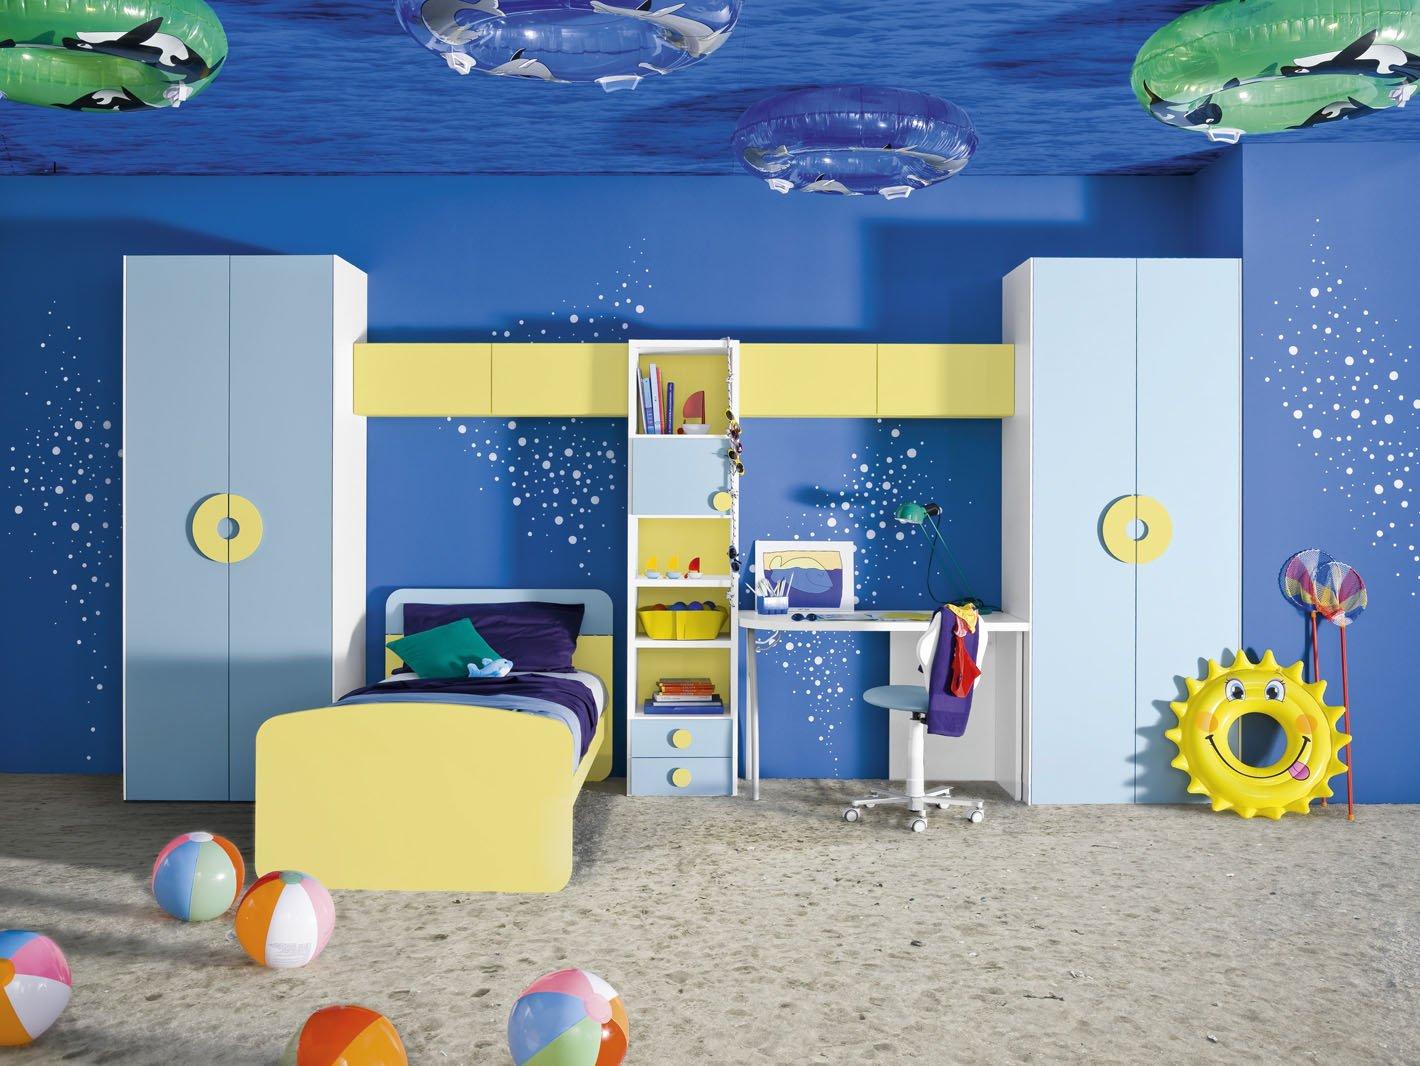 Habitaciones infantiles ni o imagui - Habitaciones infantiles ninos ...